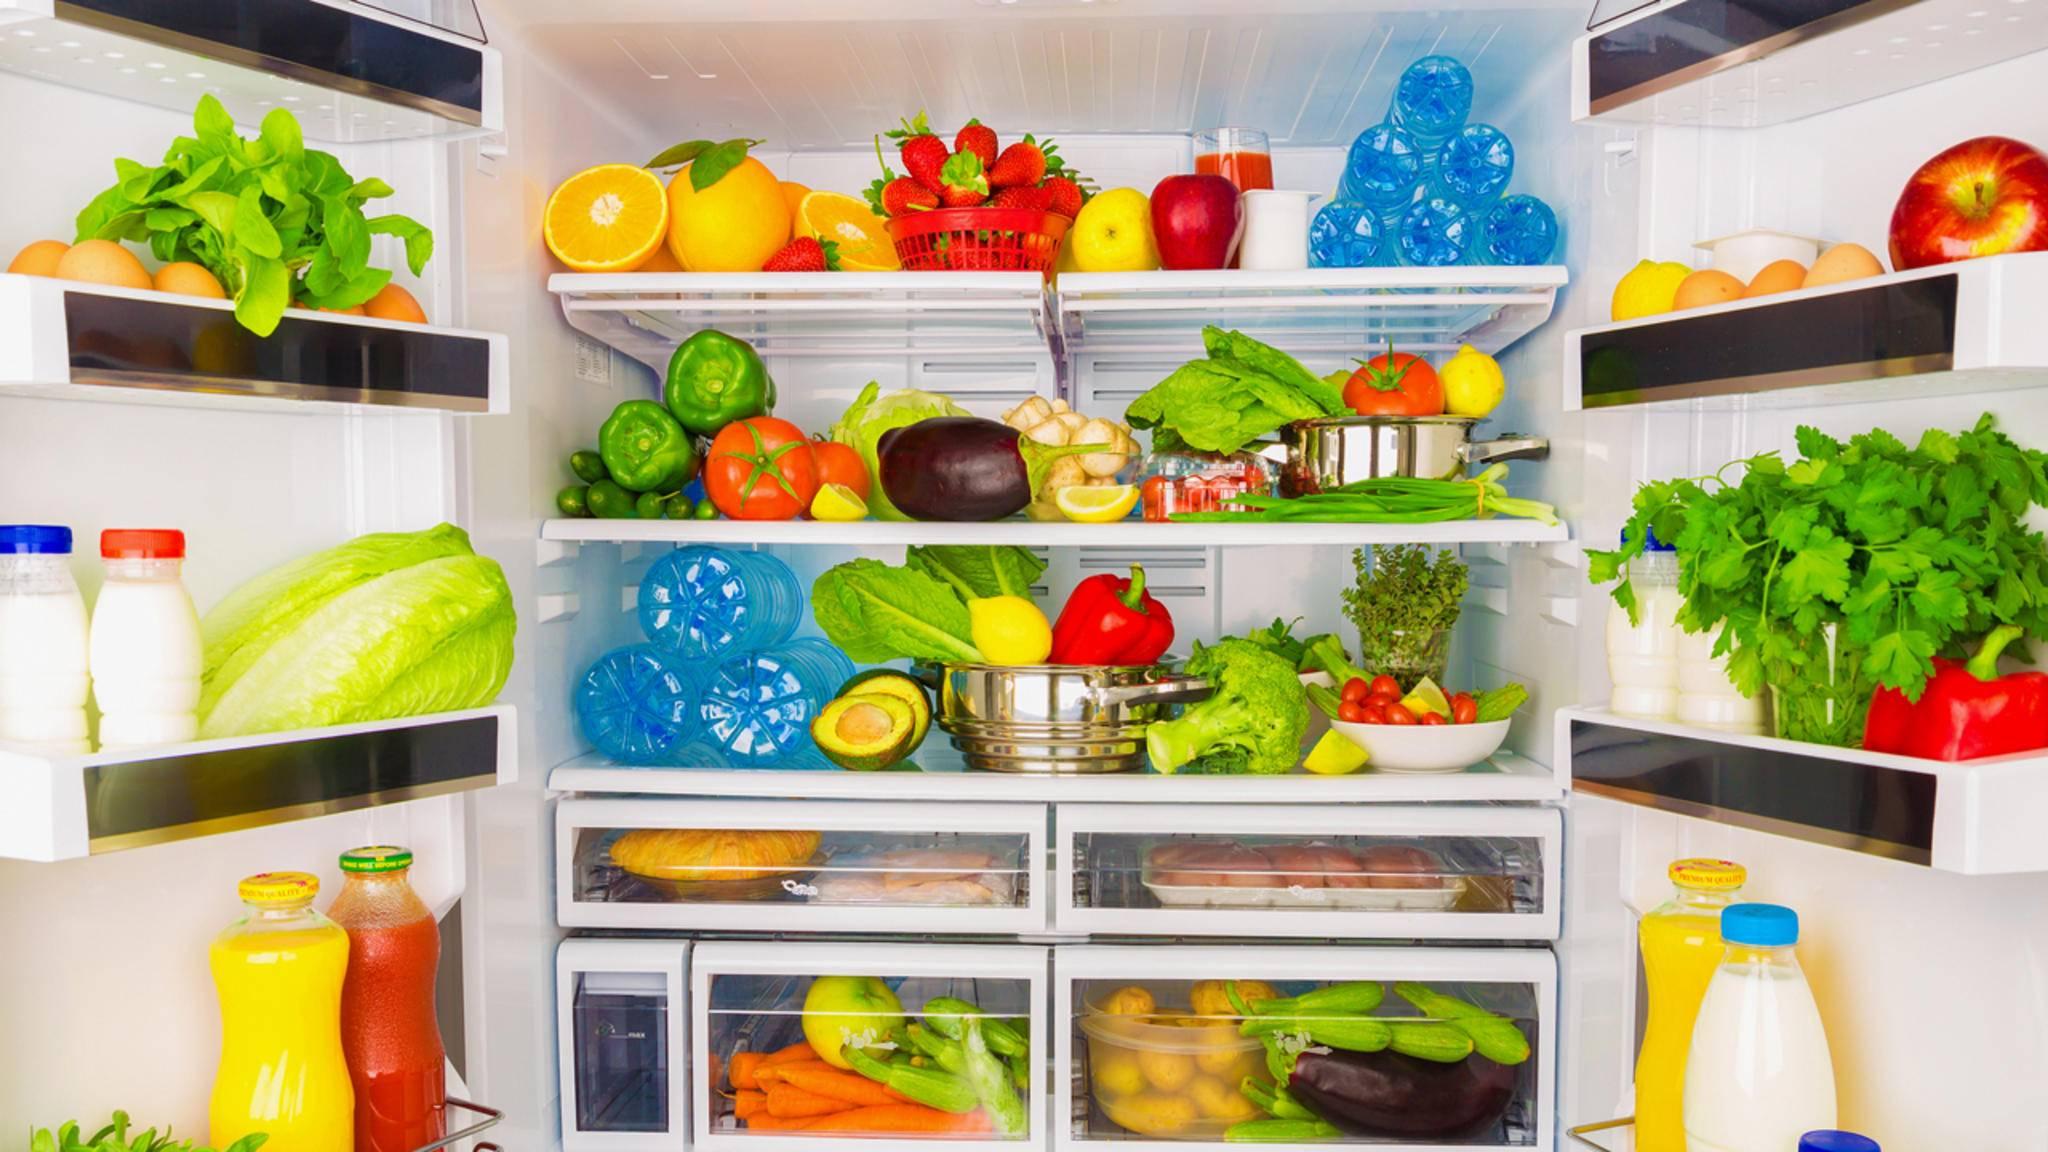 Finde den Fehler: Nicht alle Lebensmittel auf diesem Bild gehören wirklich in den Kühlschrank...